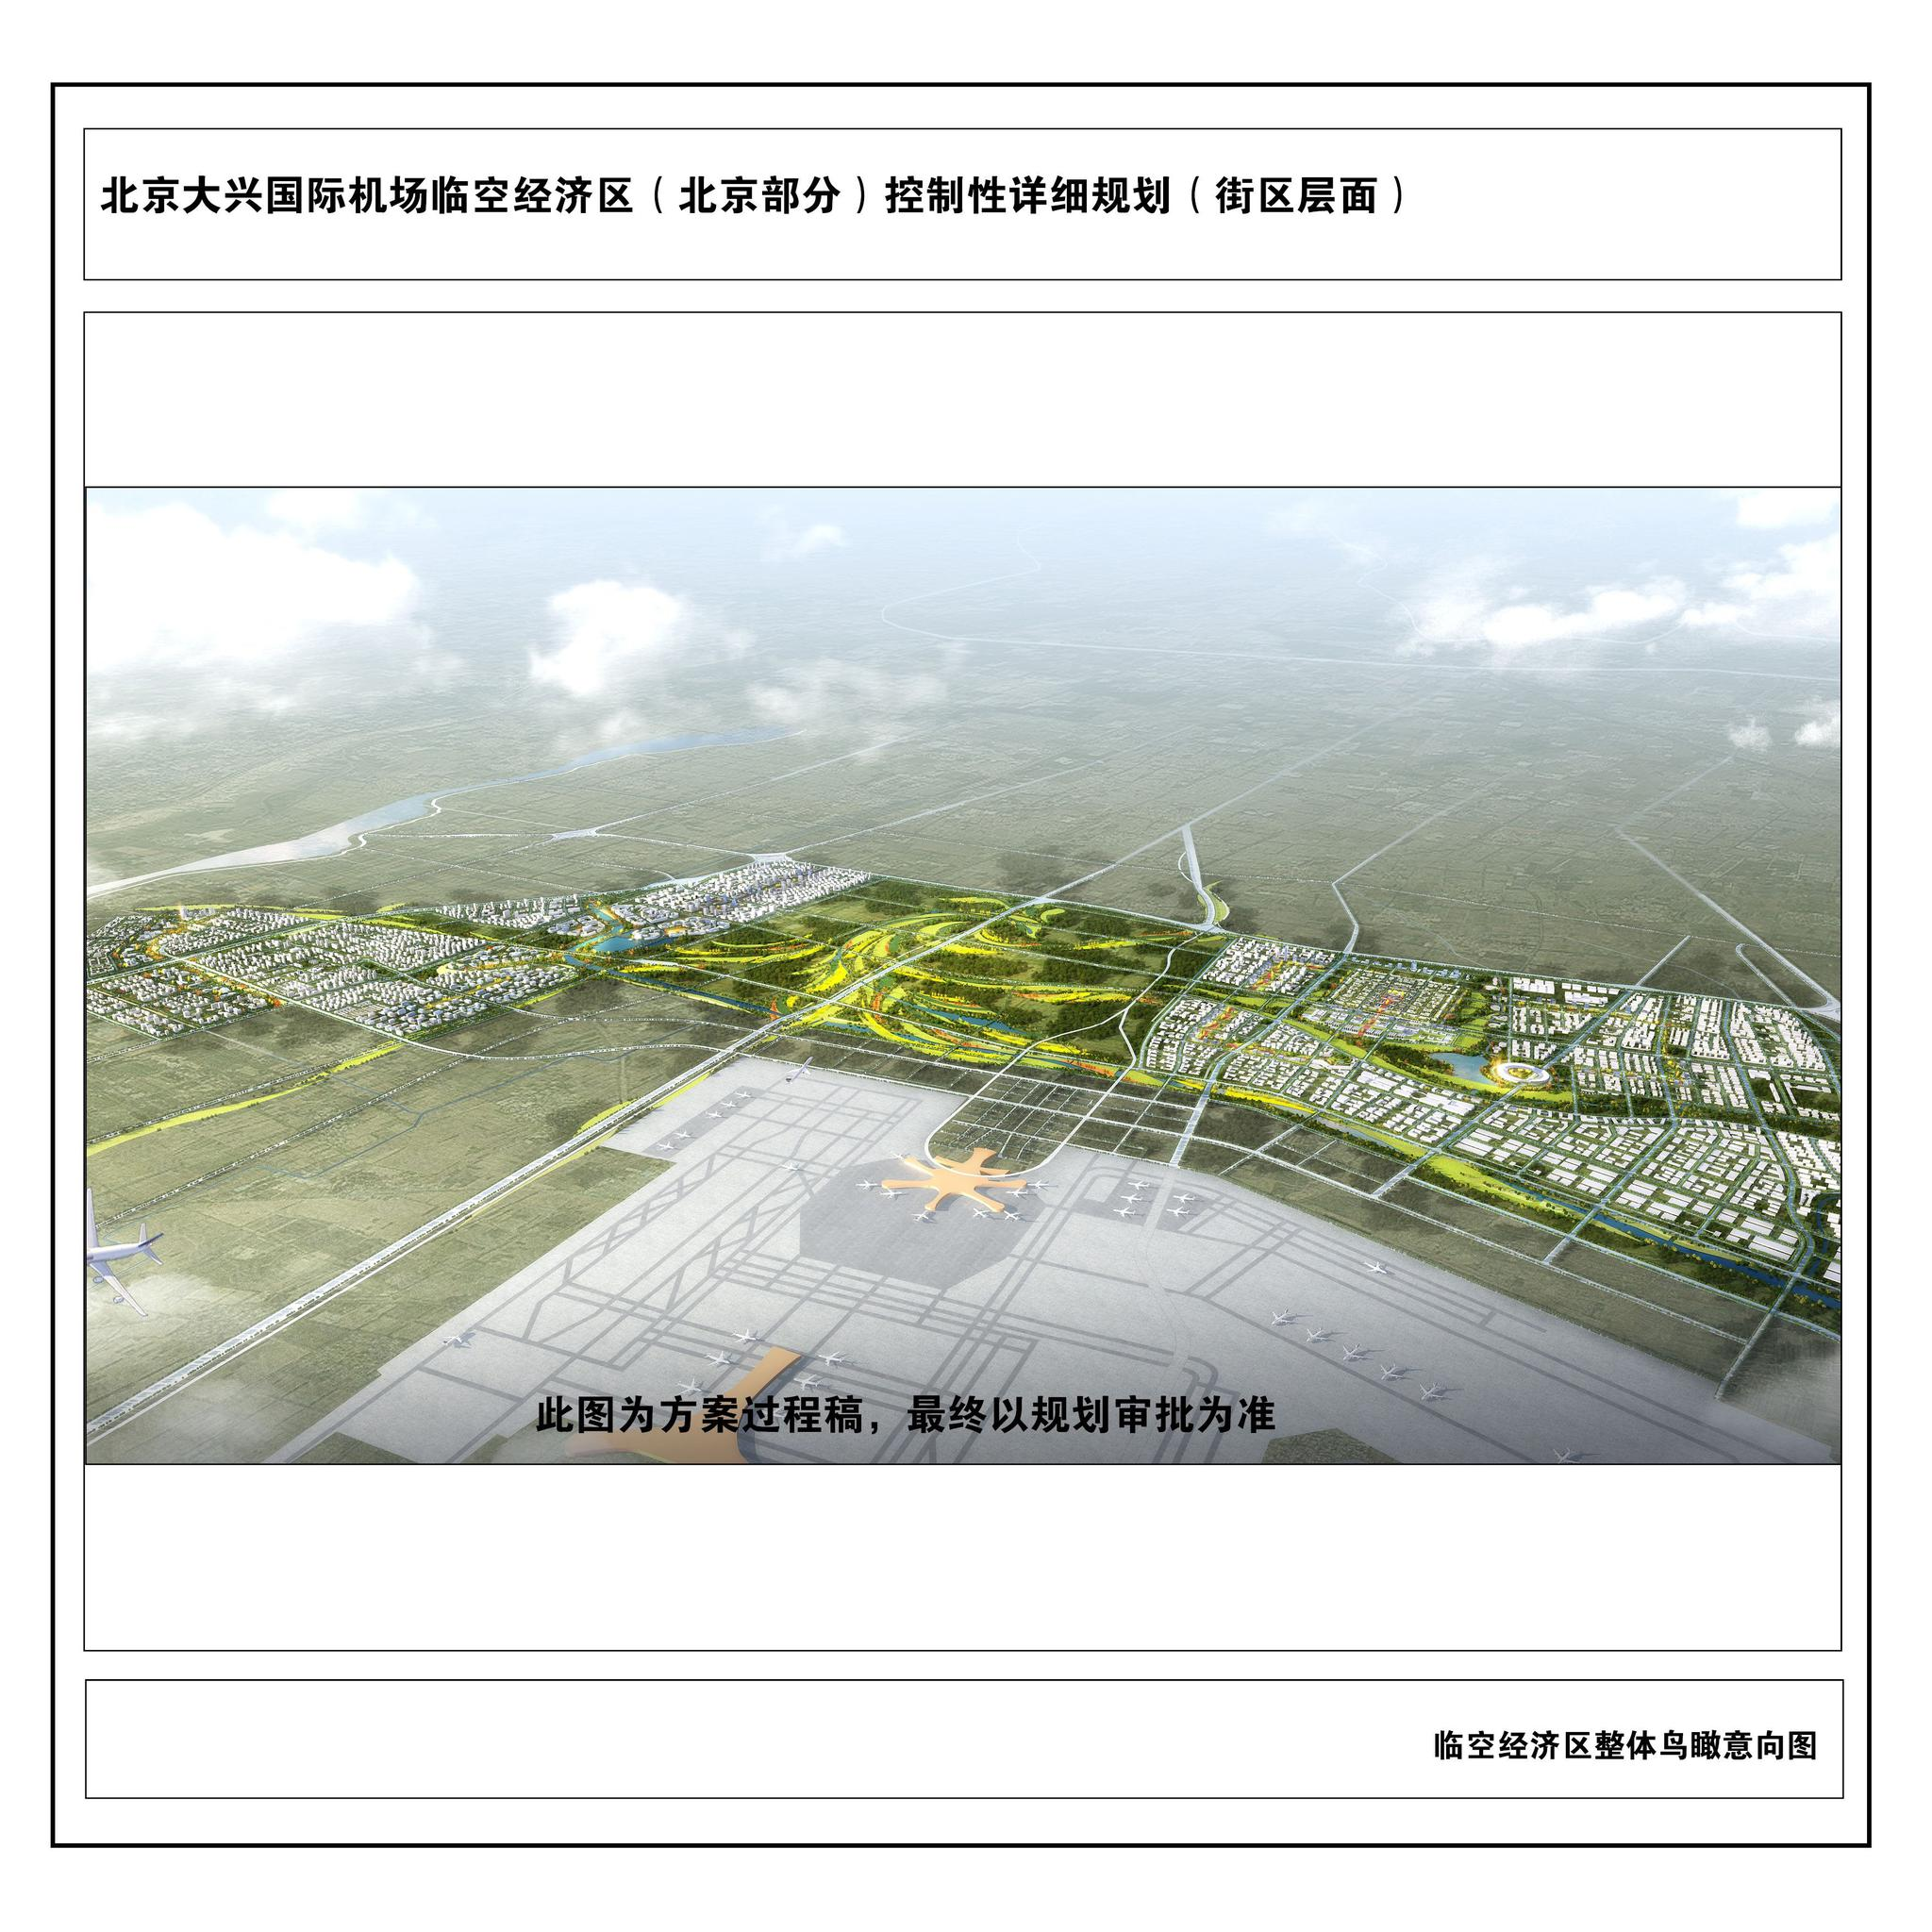 摩天测速临空经济区北摩天测速京部分控规公图片